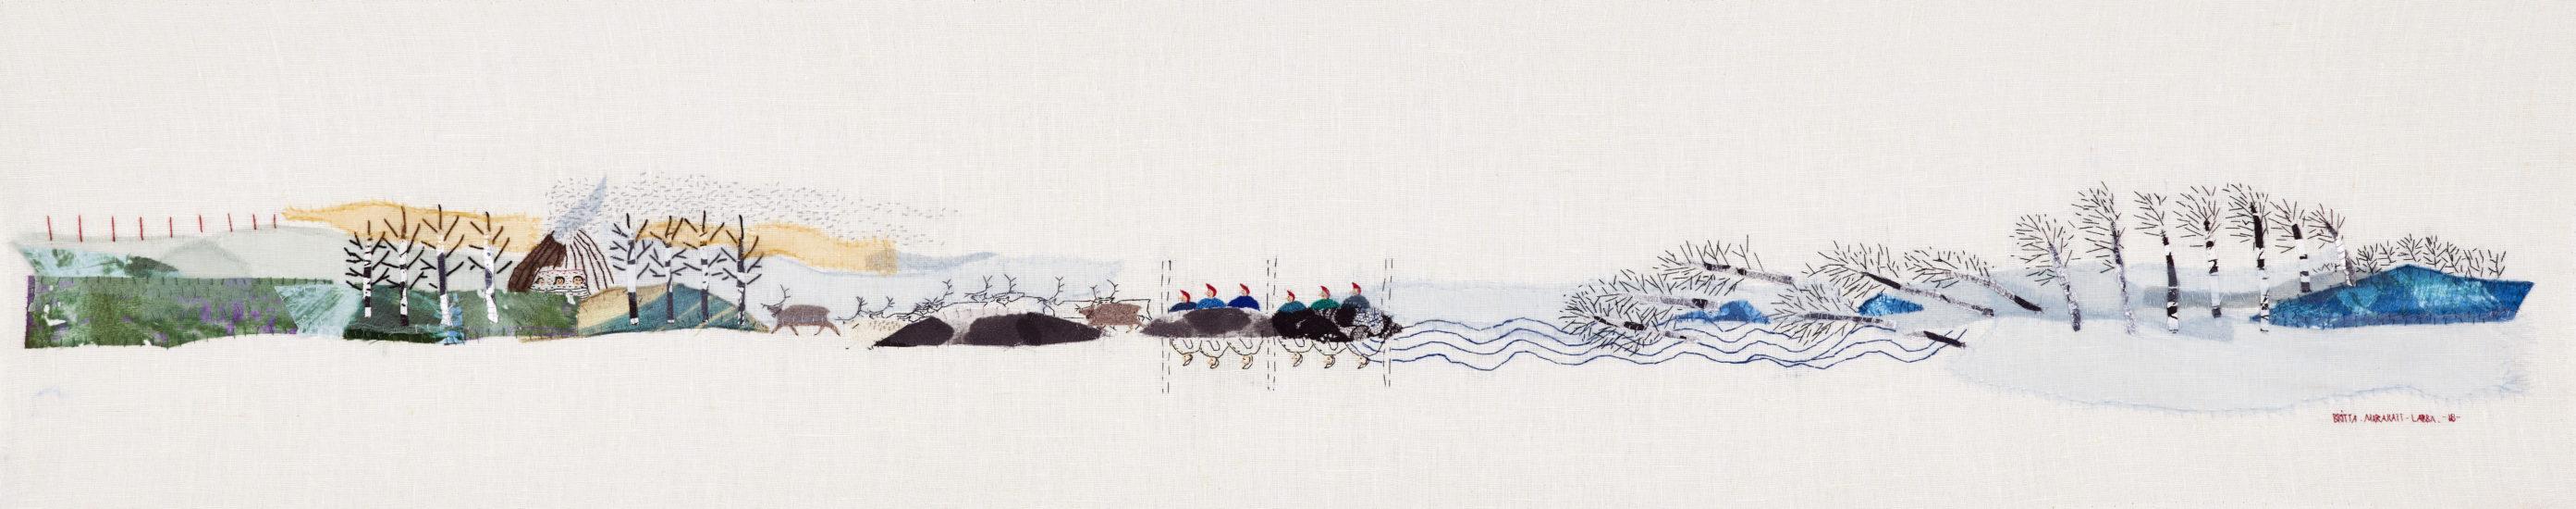 <em>Klimat endring</em>, Britta Marakatt-Labba. Fotograf: Britta Marakatt-Labba